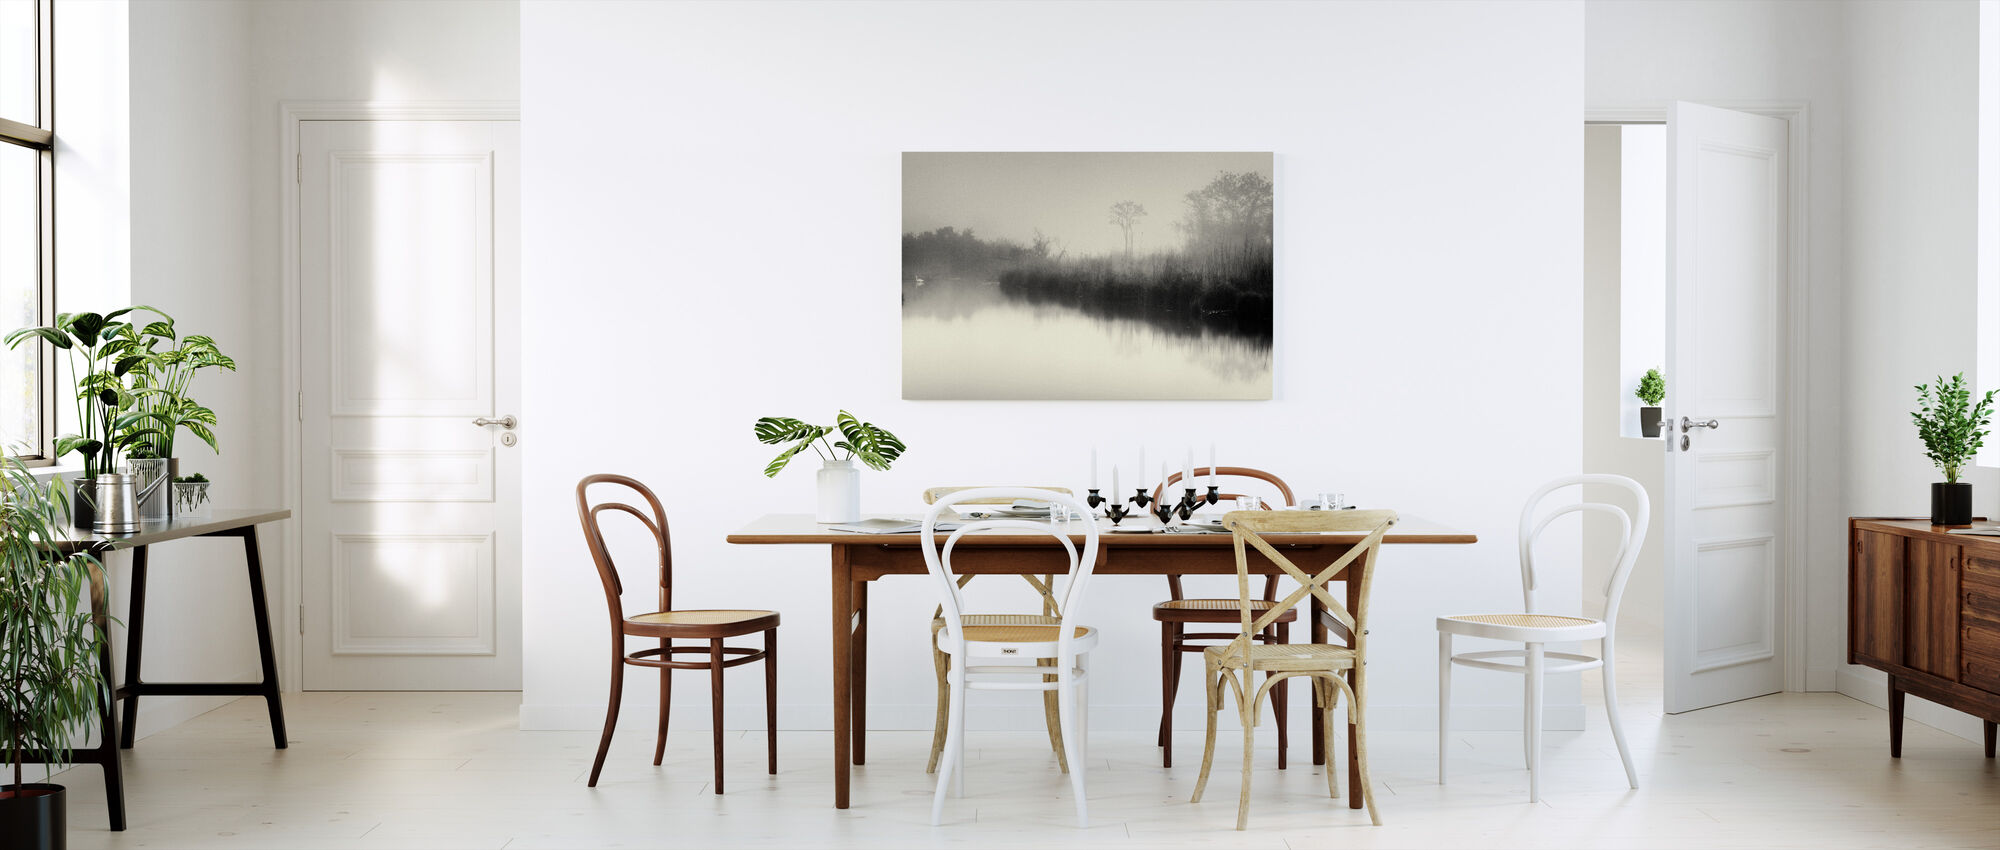 Jezioro i drzewa - Obraz na płótnie - Kuchnia